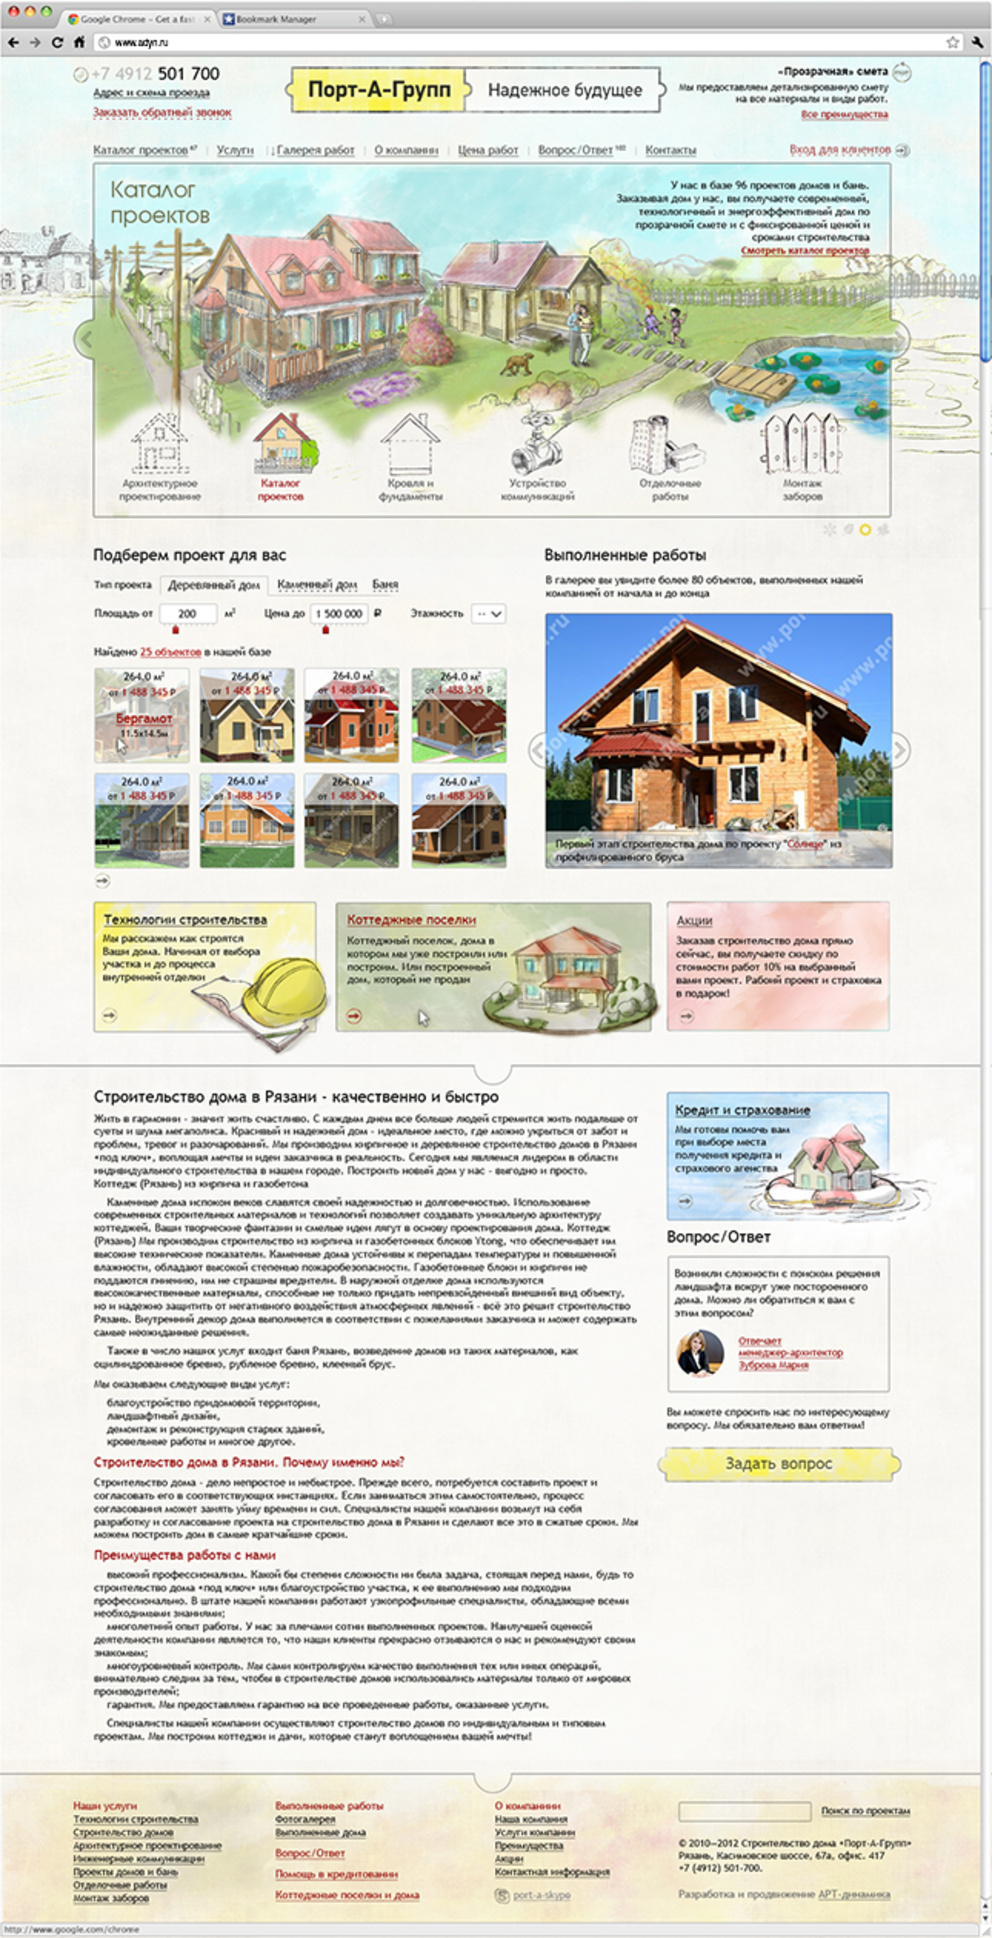 Сайт компании малоэтажного строительства / Проект компании веб студия Динамика